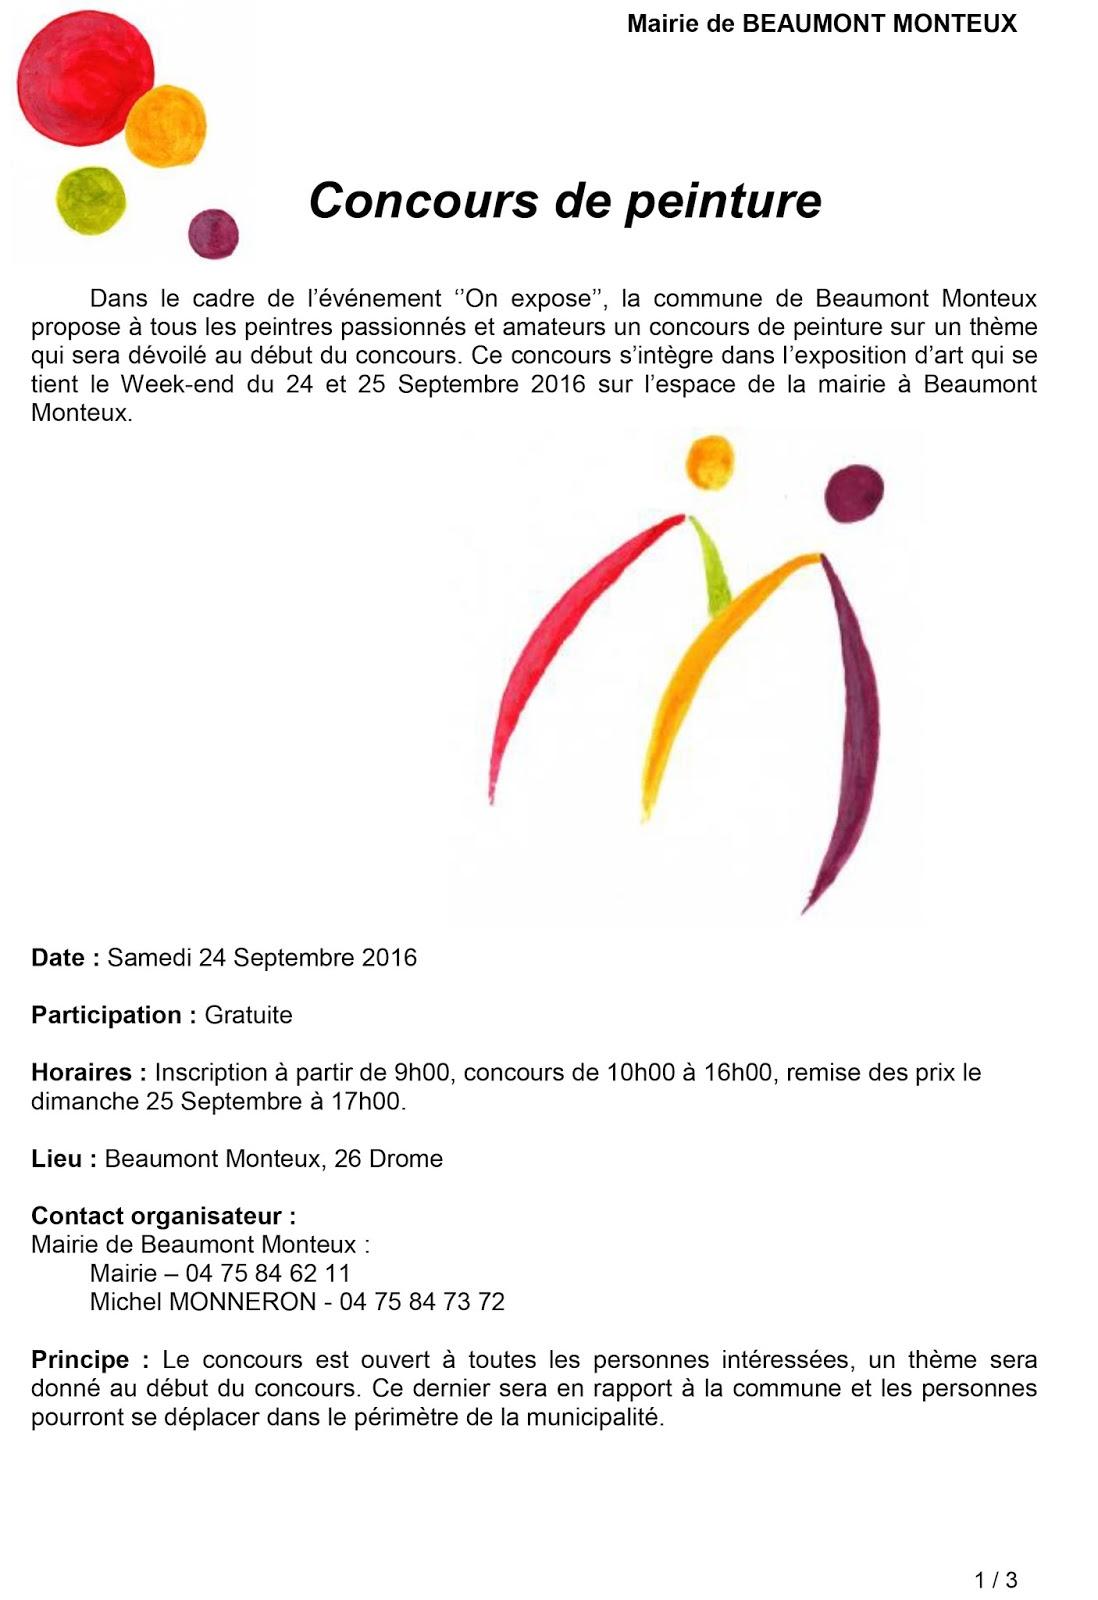 APITMA: Concours de peinture (Beaumont Monteux- 26)